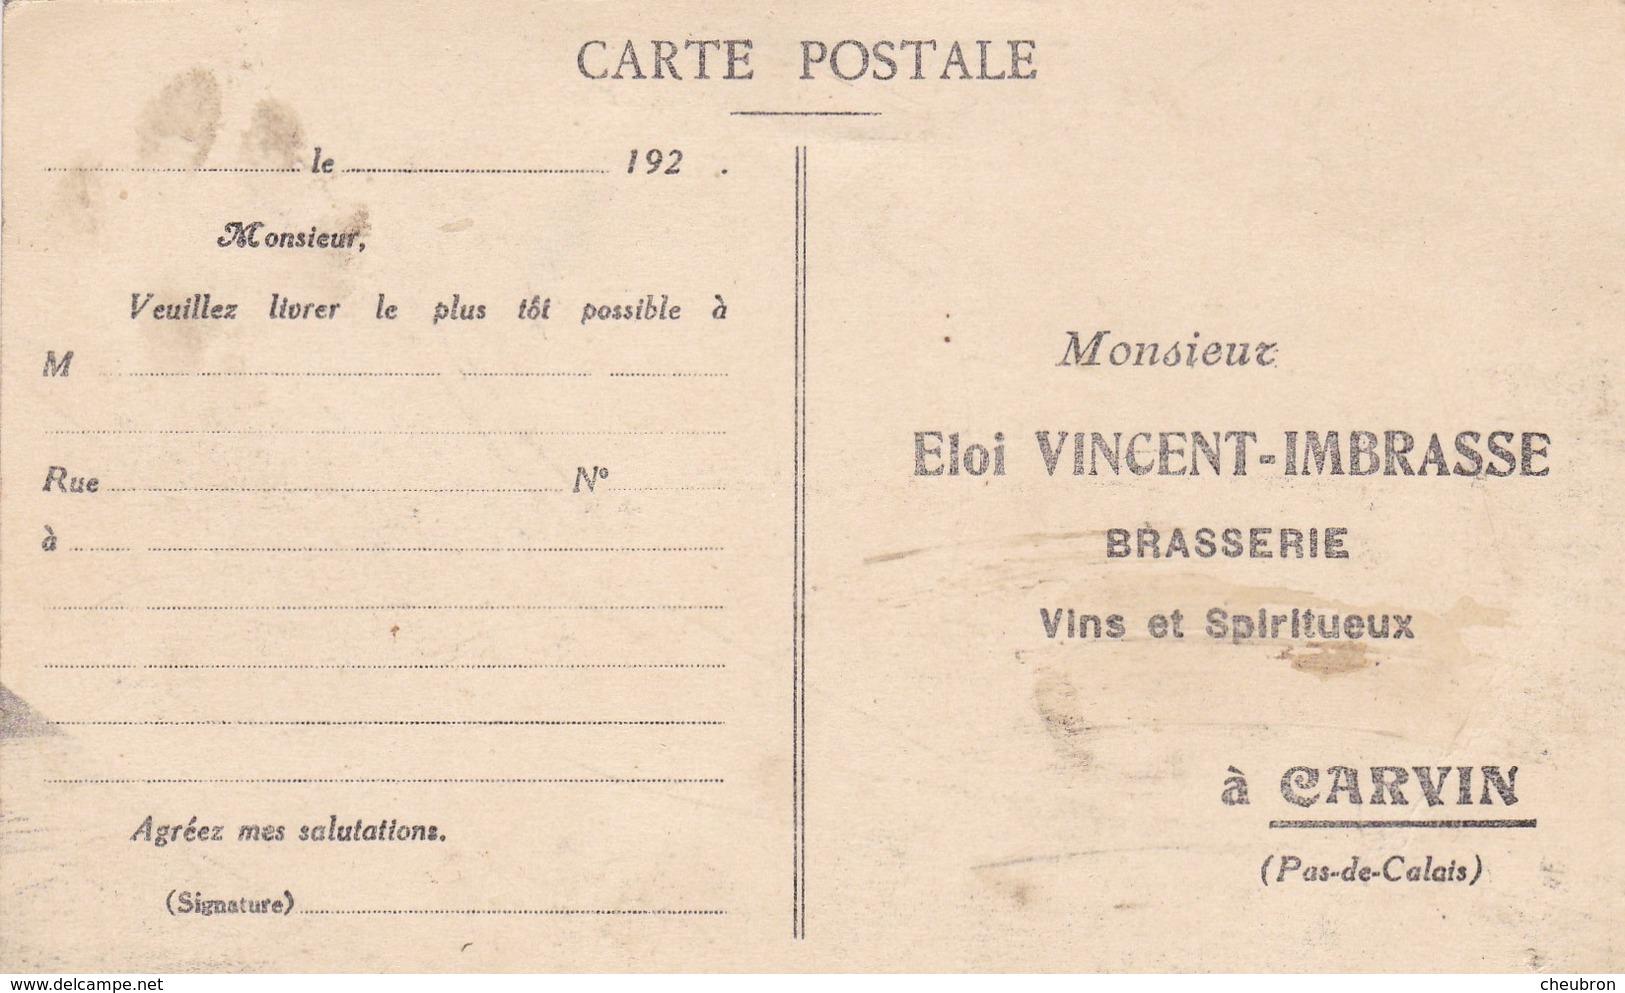 62. CARVIN . CPA. RARETE. CARTE POSTALE DE LIVRAISON. Eloi VINCENT- IMBRASSE. BRASSERIE VINS ET SPIRITUEUX - France